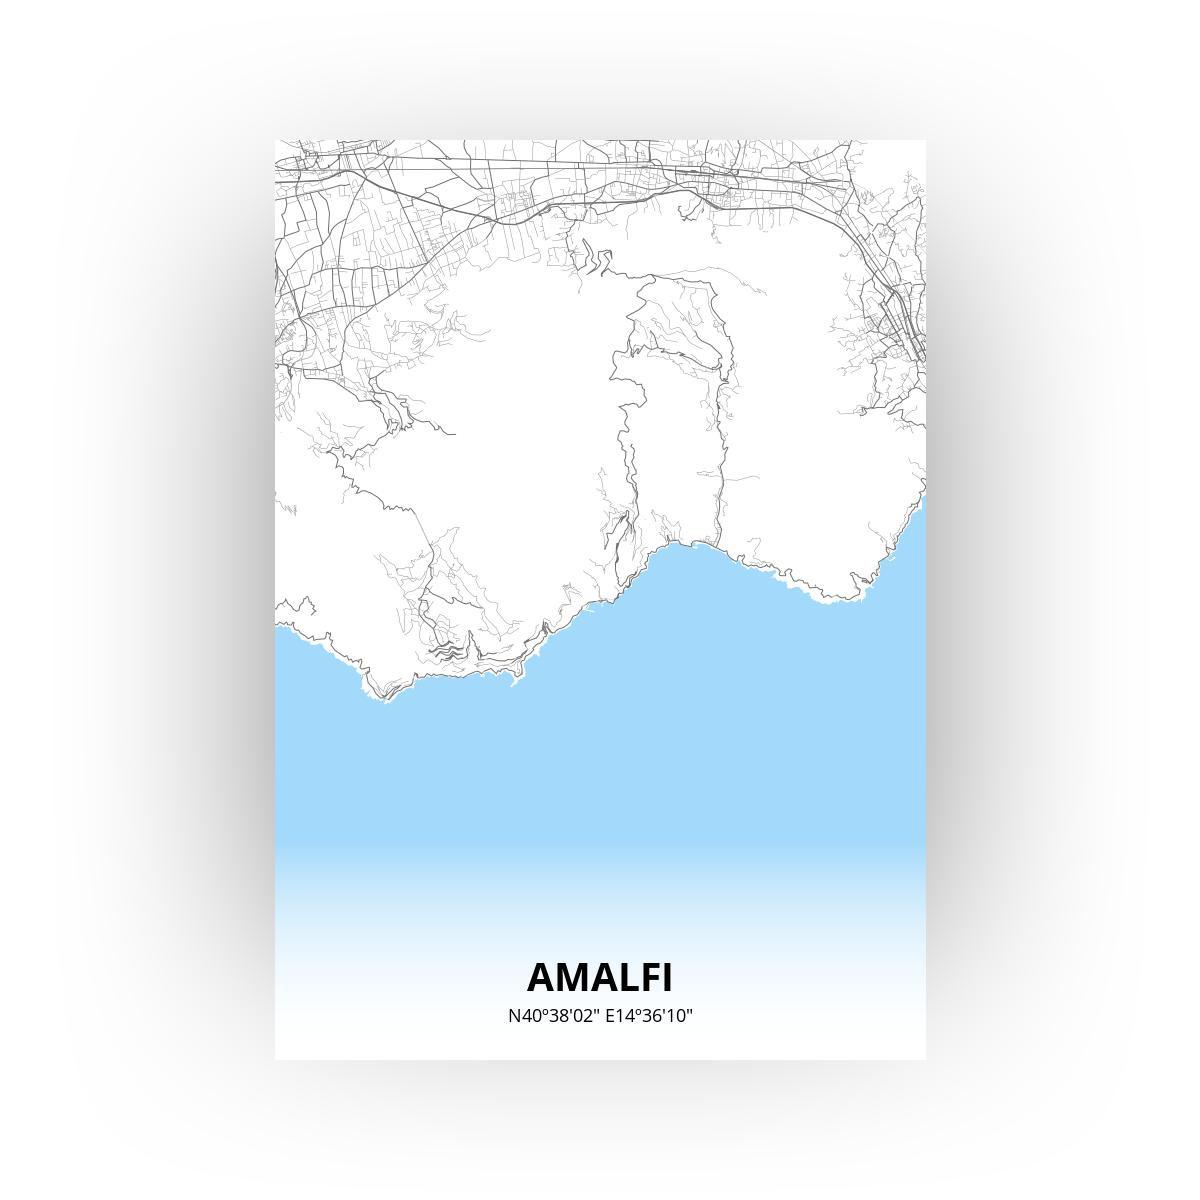 Amalfi poster - Zelf aan te passen!